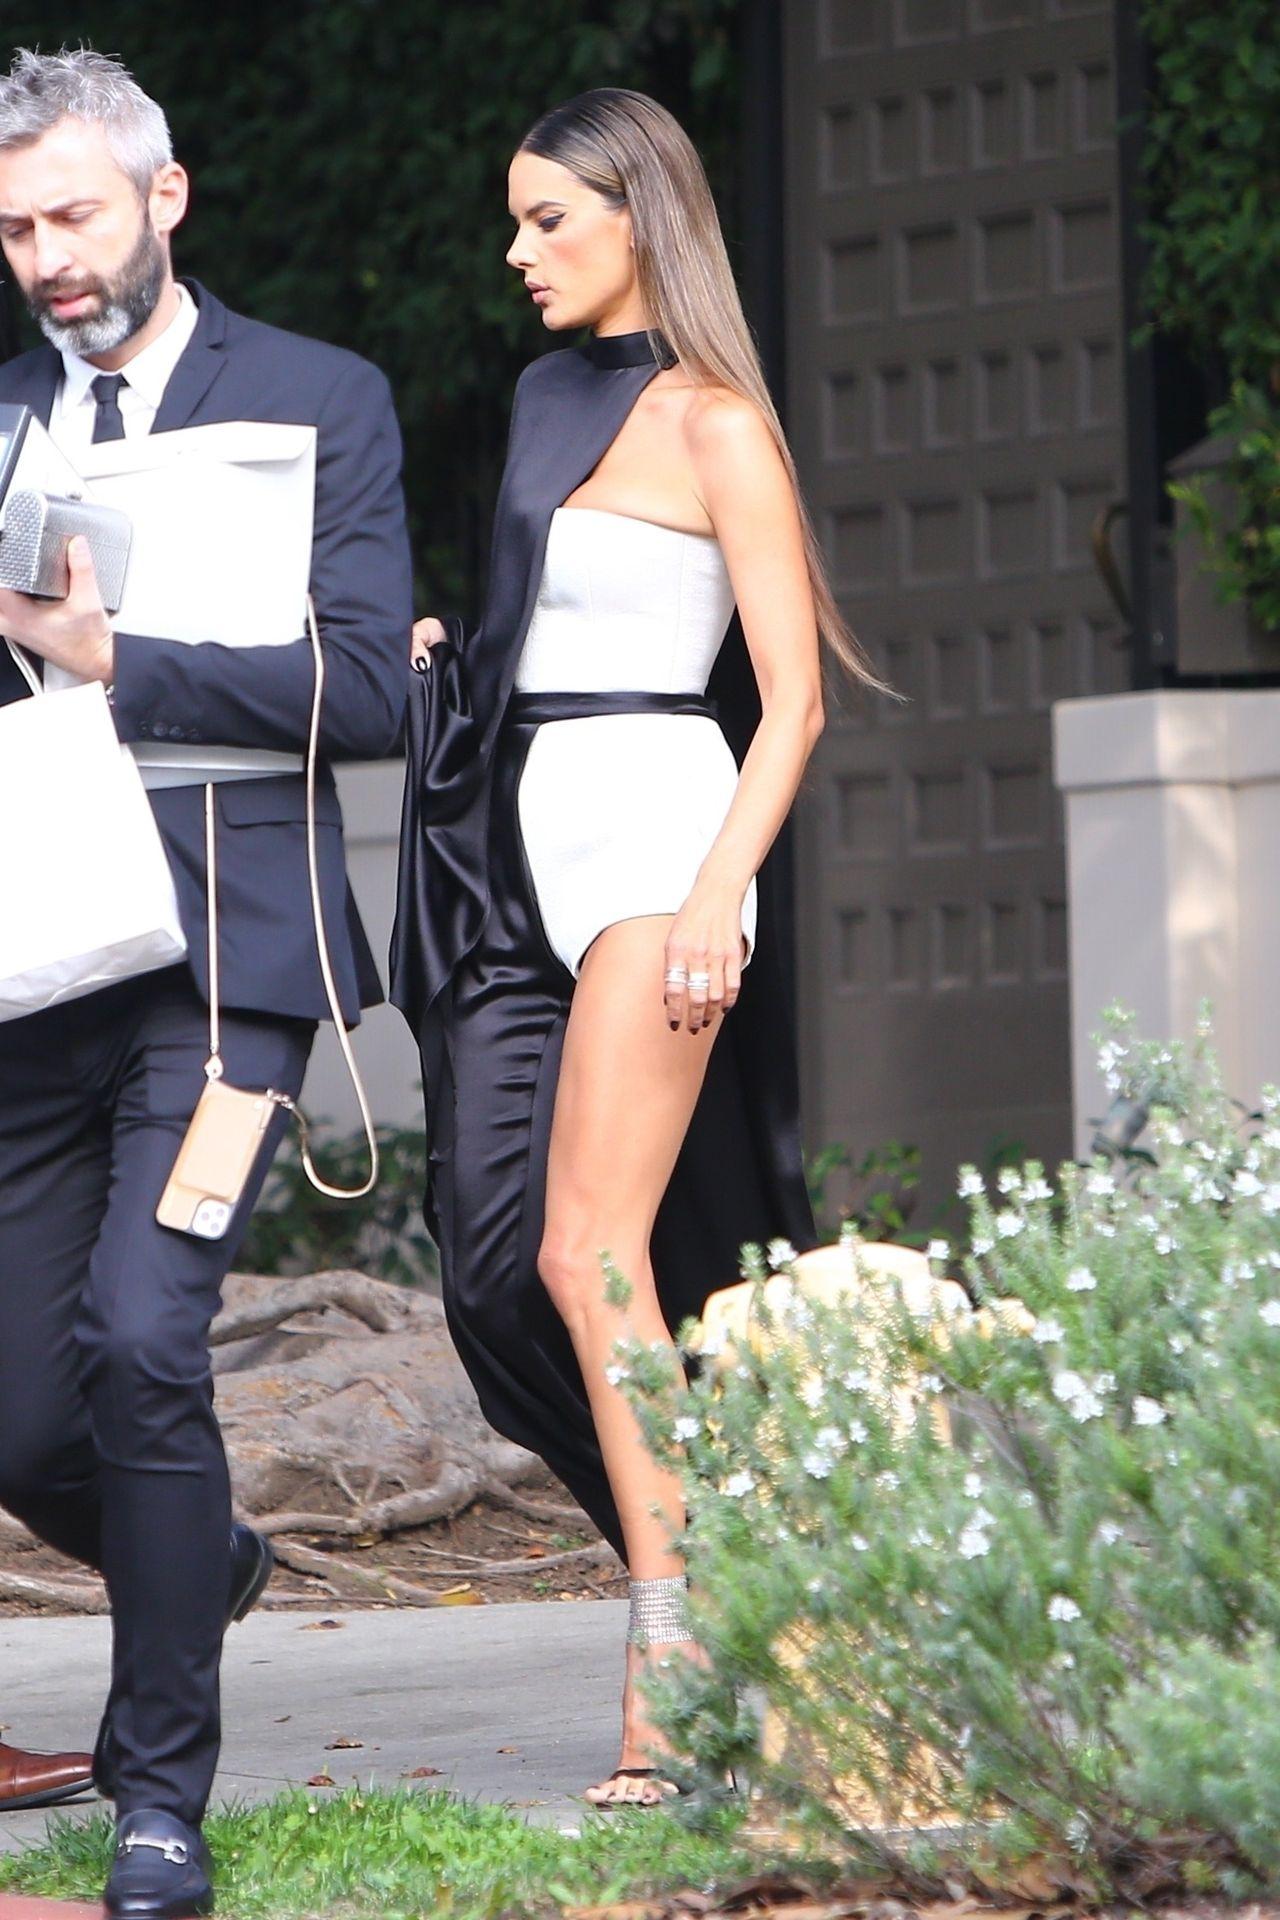 Alessandra Ambrosio Looks Stunning Ahead Of The Grammys 0015